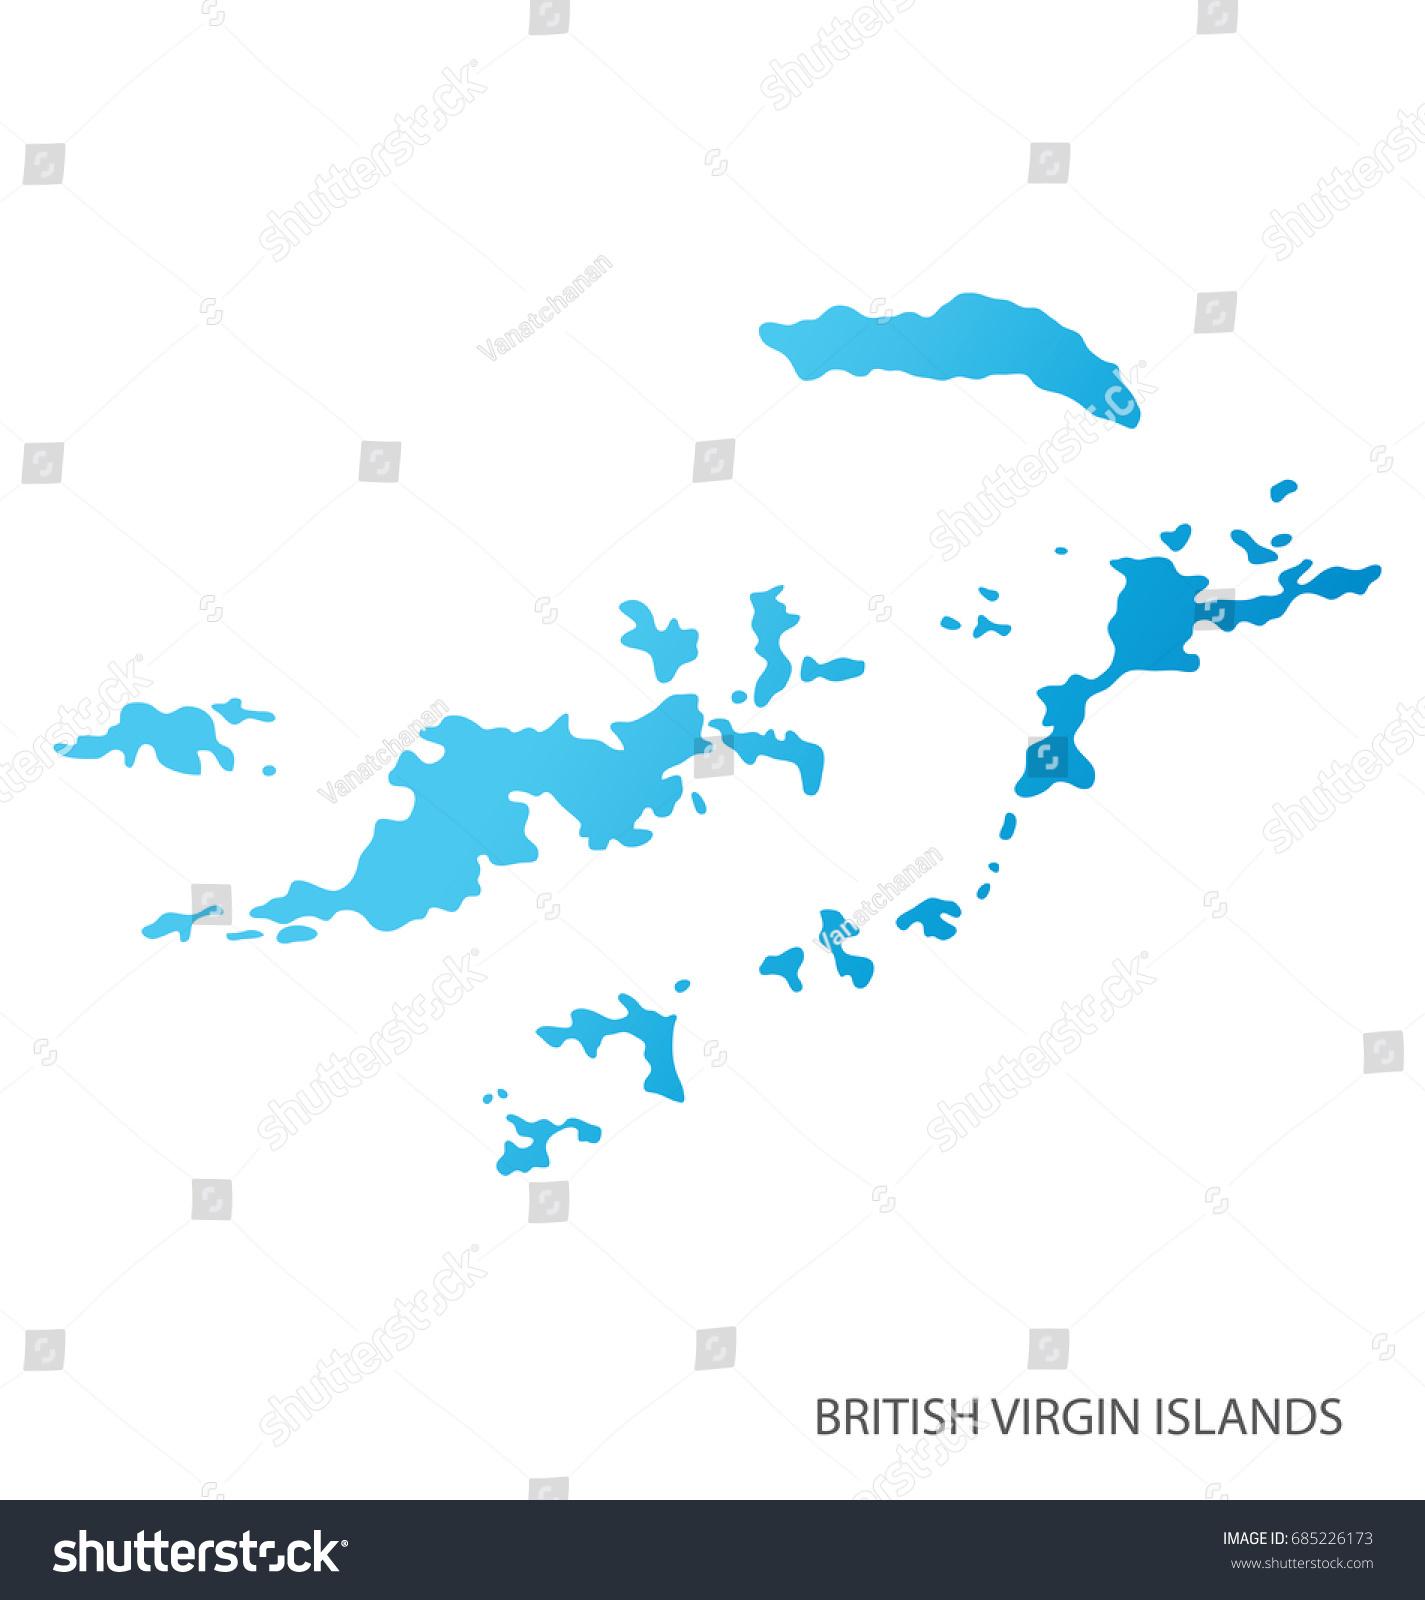 Map British Virgin Islands Stock Vector Shutterstock - British virgin islands map